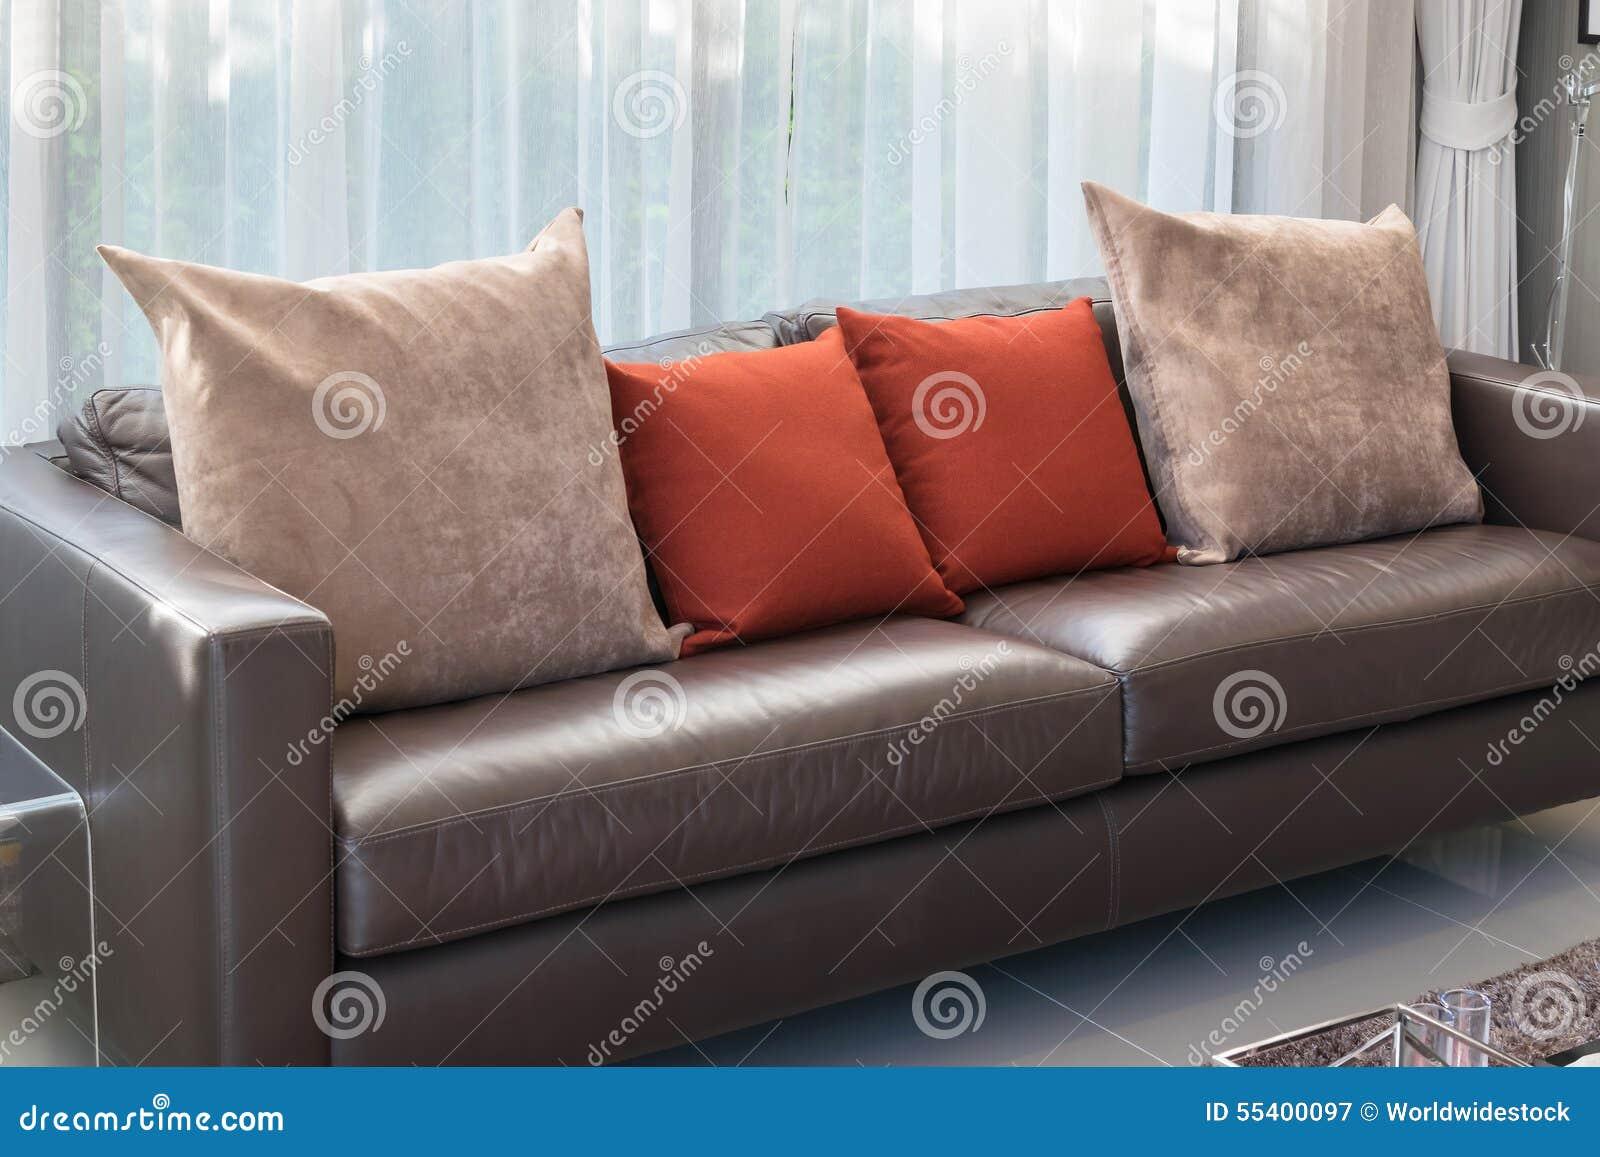 Download Modernes Wohnzimmer Mit Braunem Sofa Stockbild   Bild Von Luxus,  Blitz: 55400097